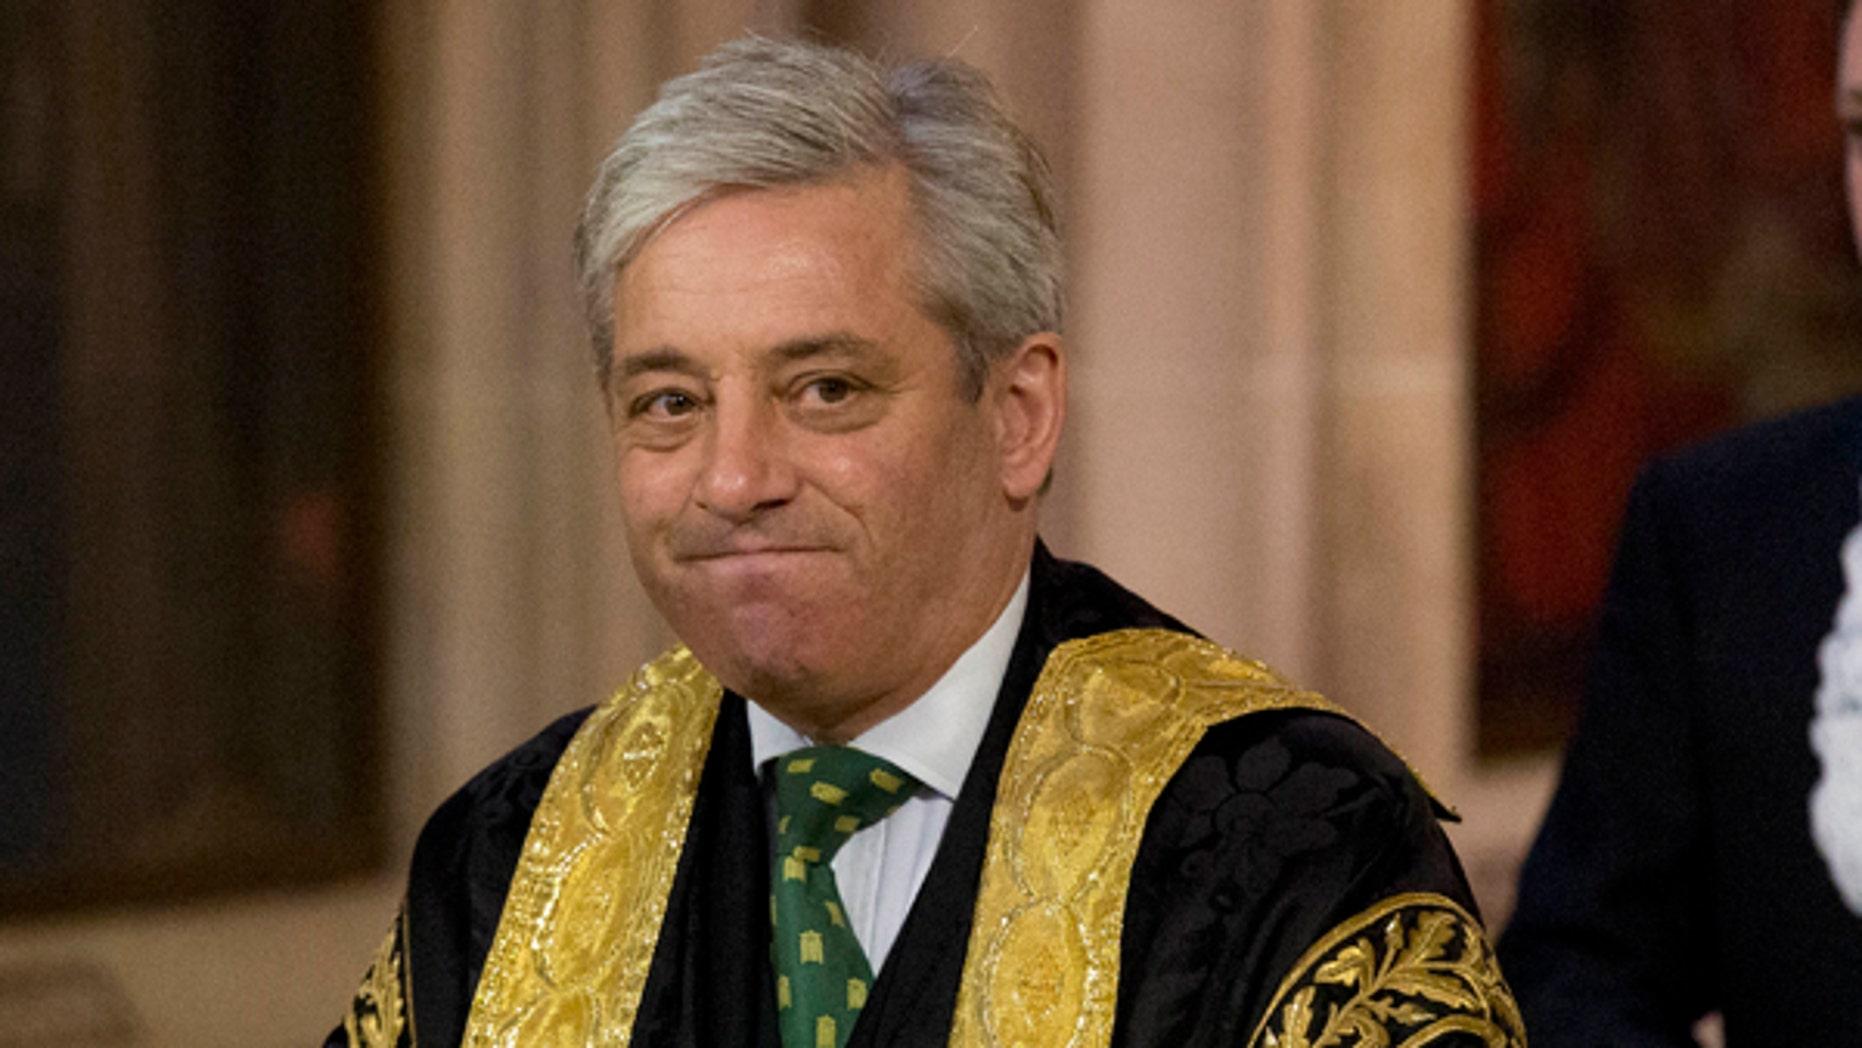 Britain's Speaker of the House of Commons John Bercow